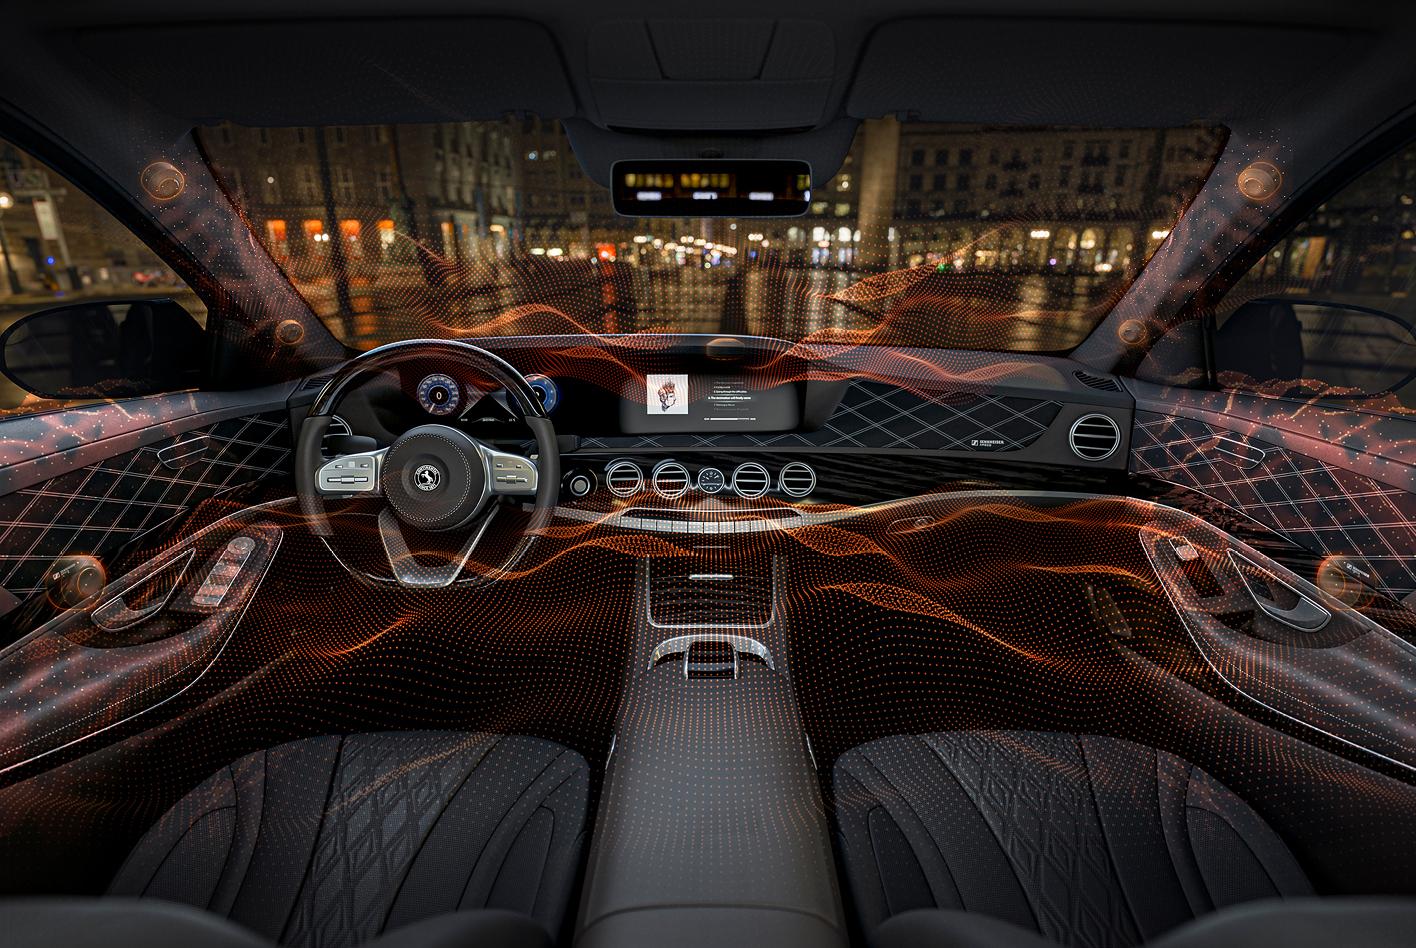 Oberflächen als Lautsprecher im Auto